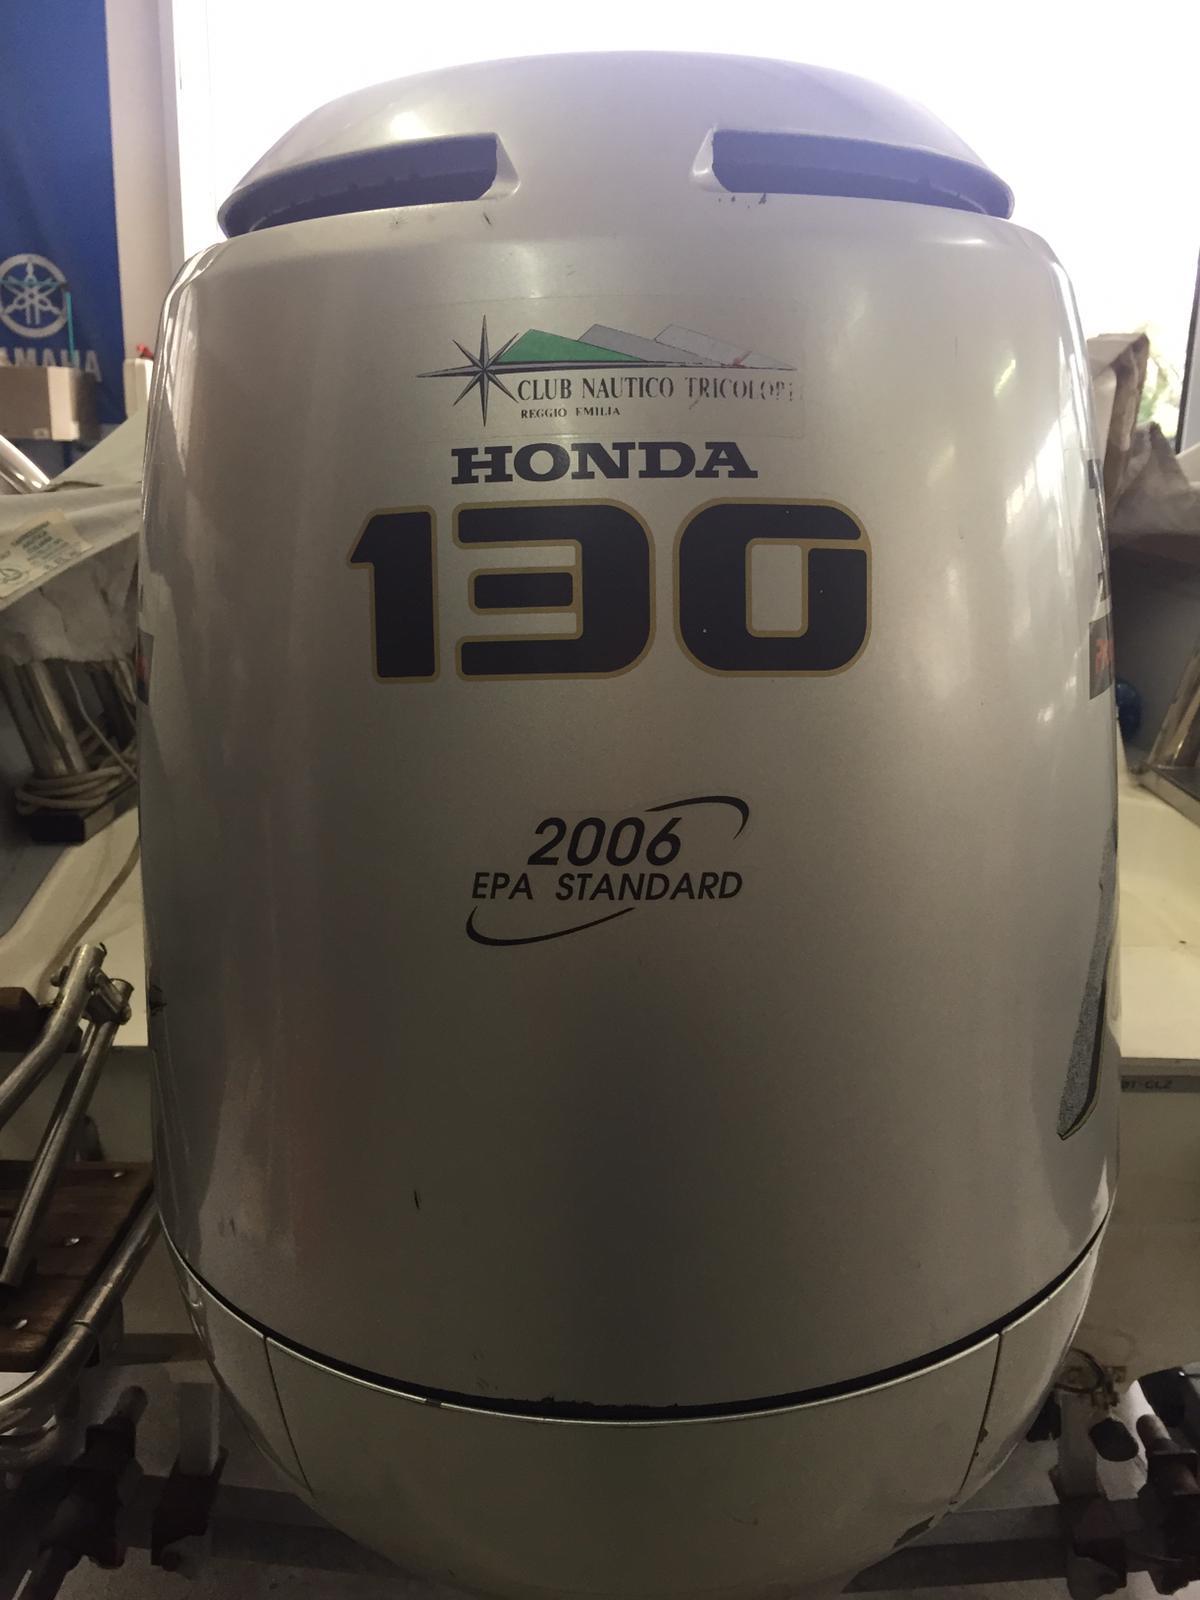 Foto Occasione Fuoribordo Honda 130 cv 4 tempi - 3